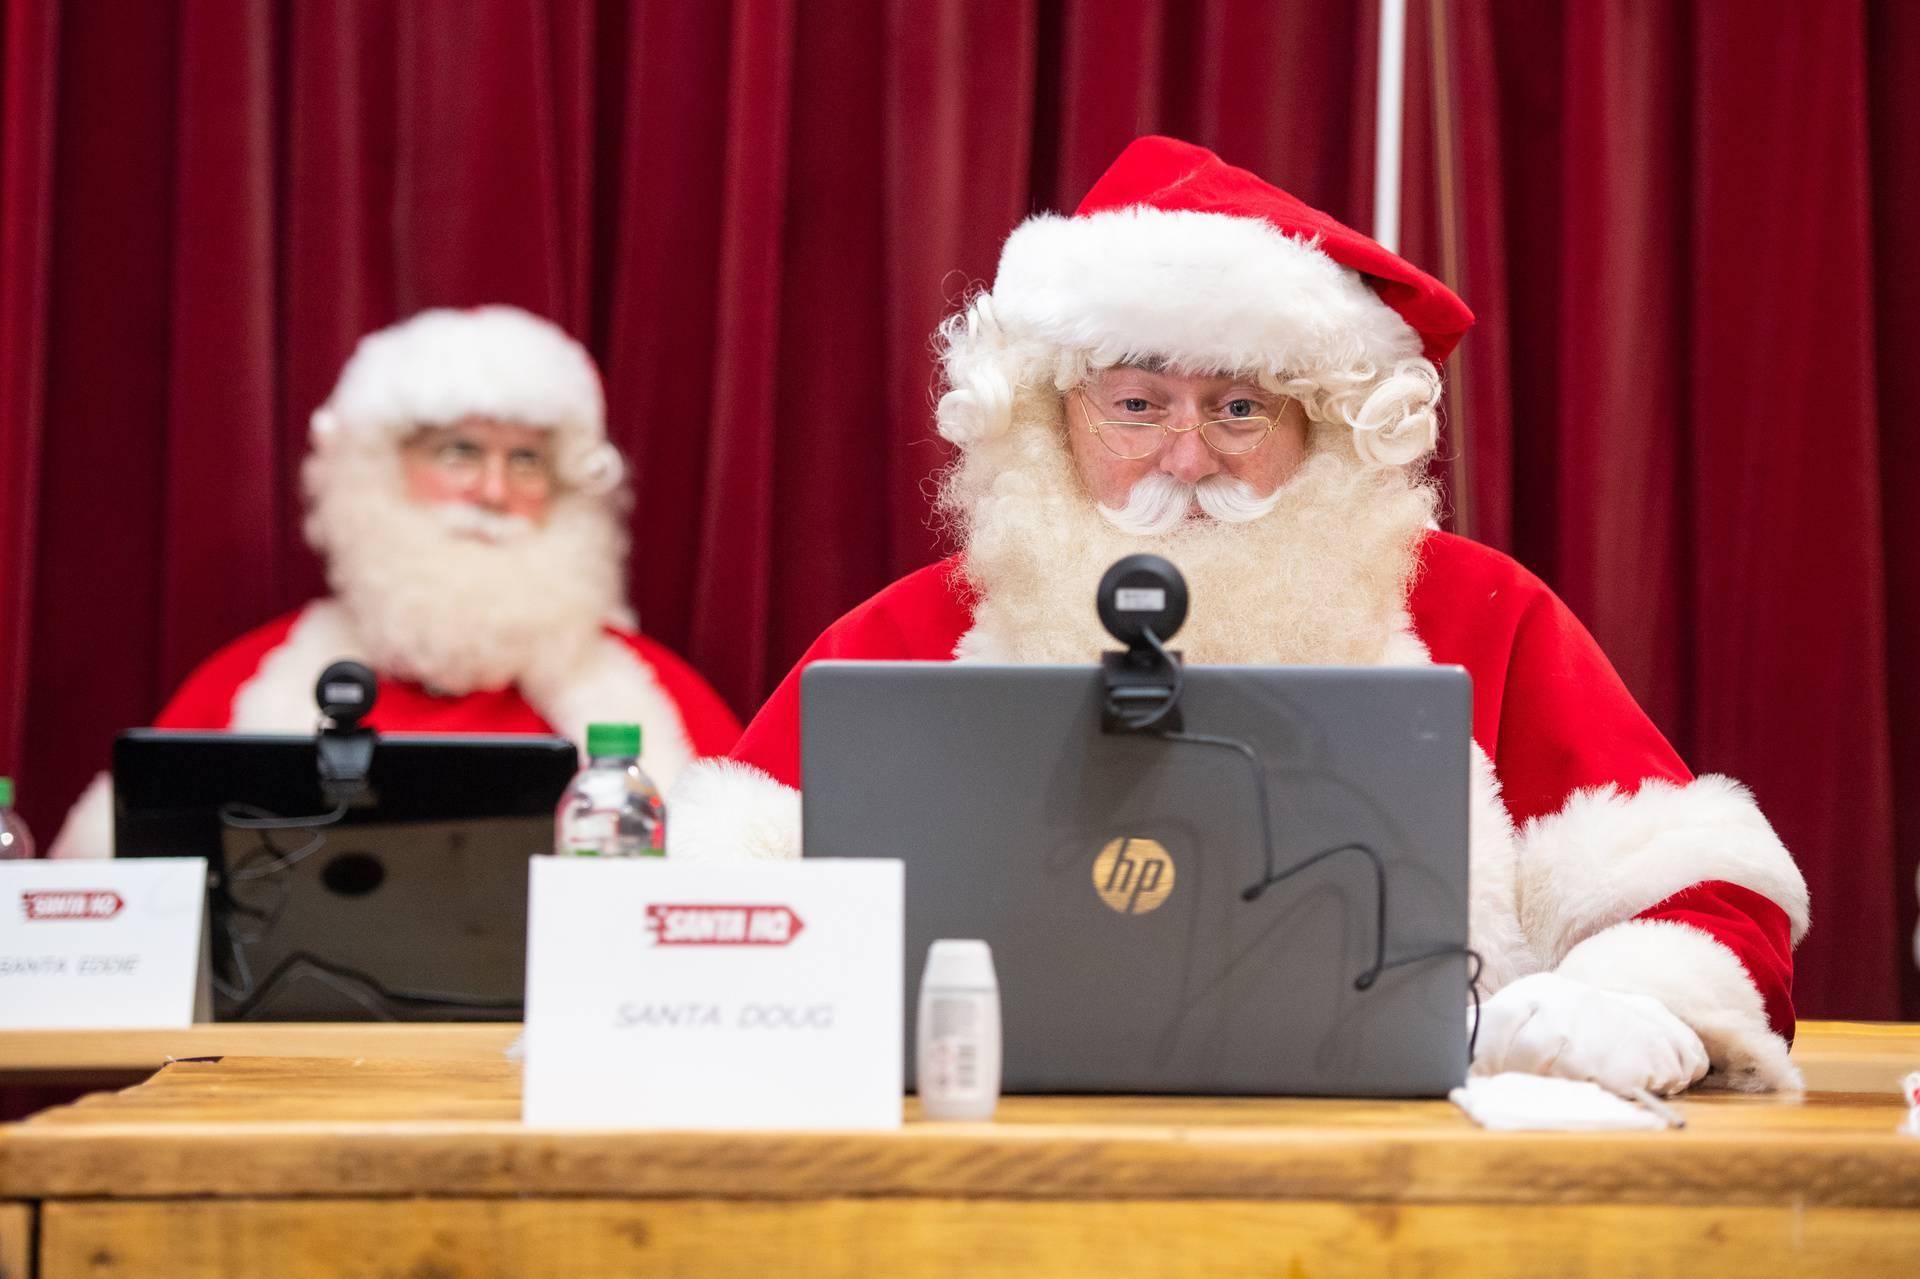 Djed Božićnjak ove godine s djecom će komunicirati putem video poziva